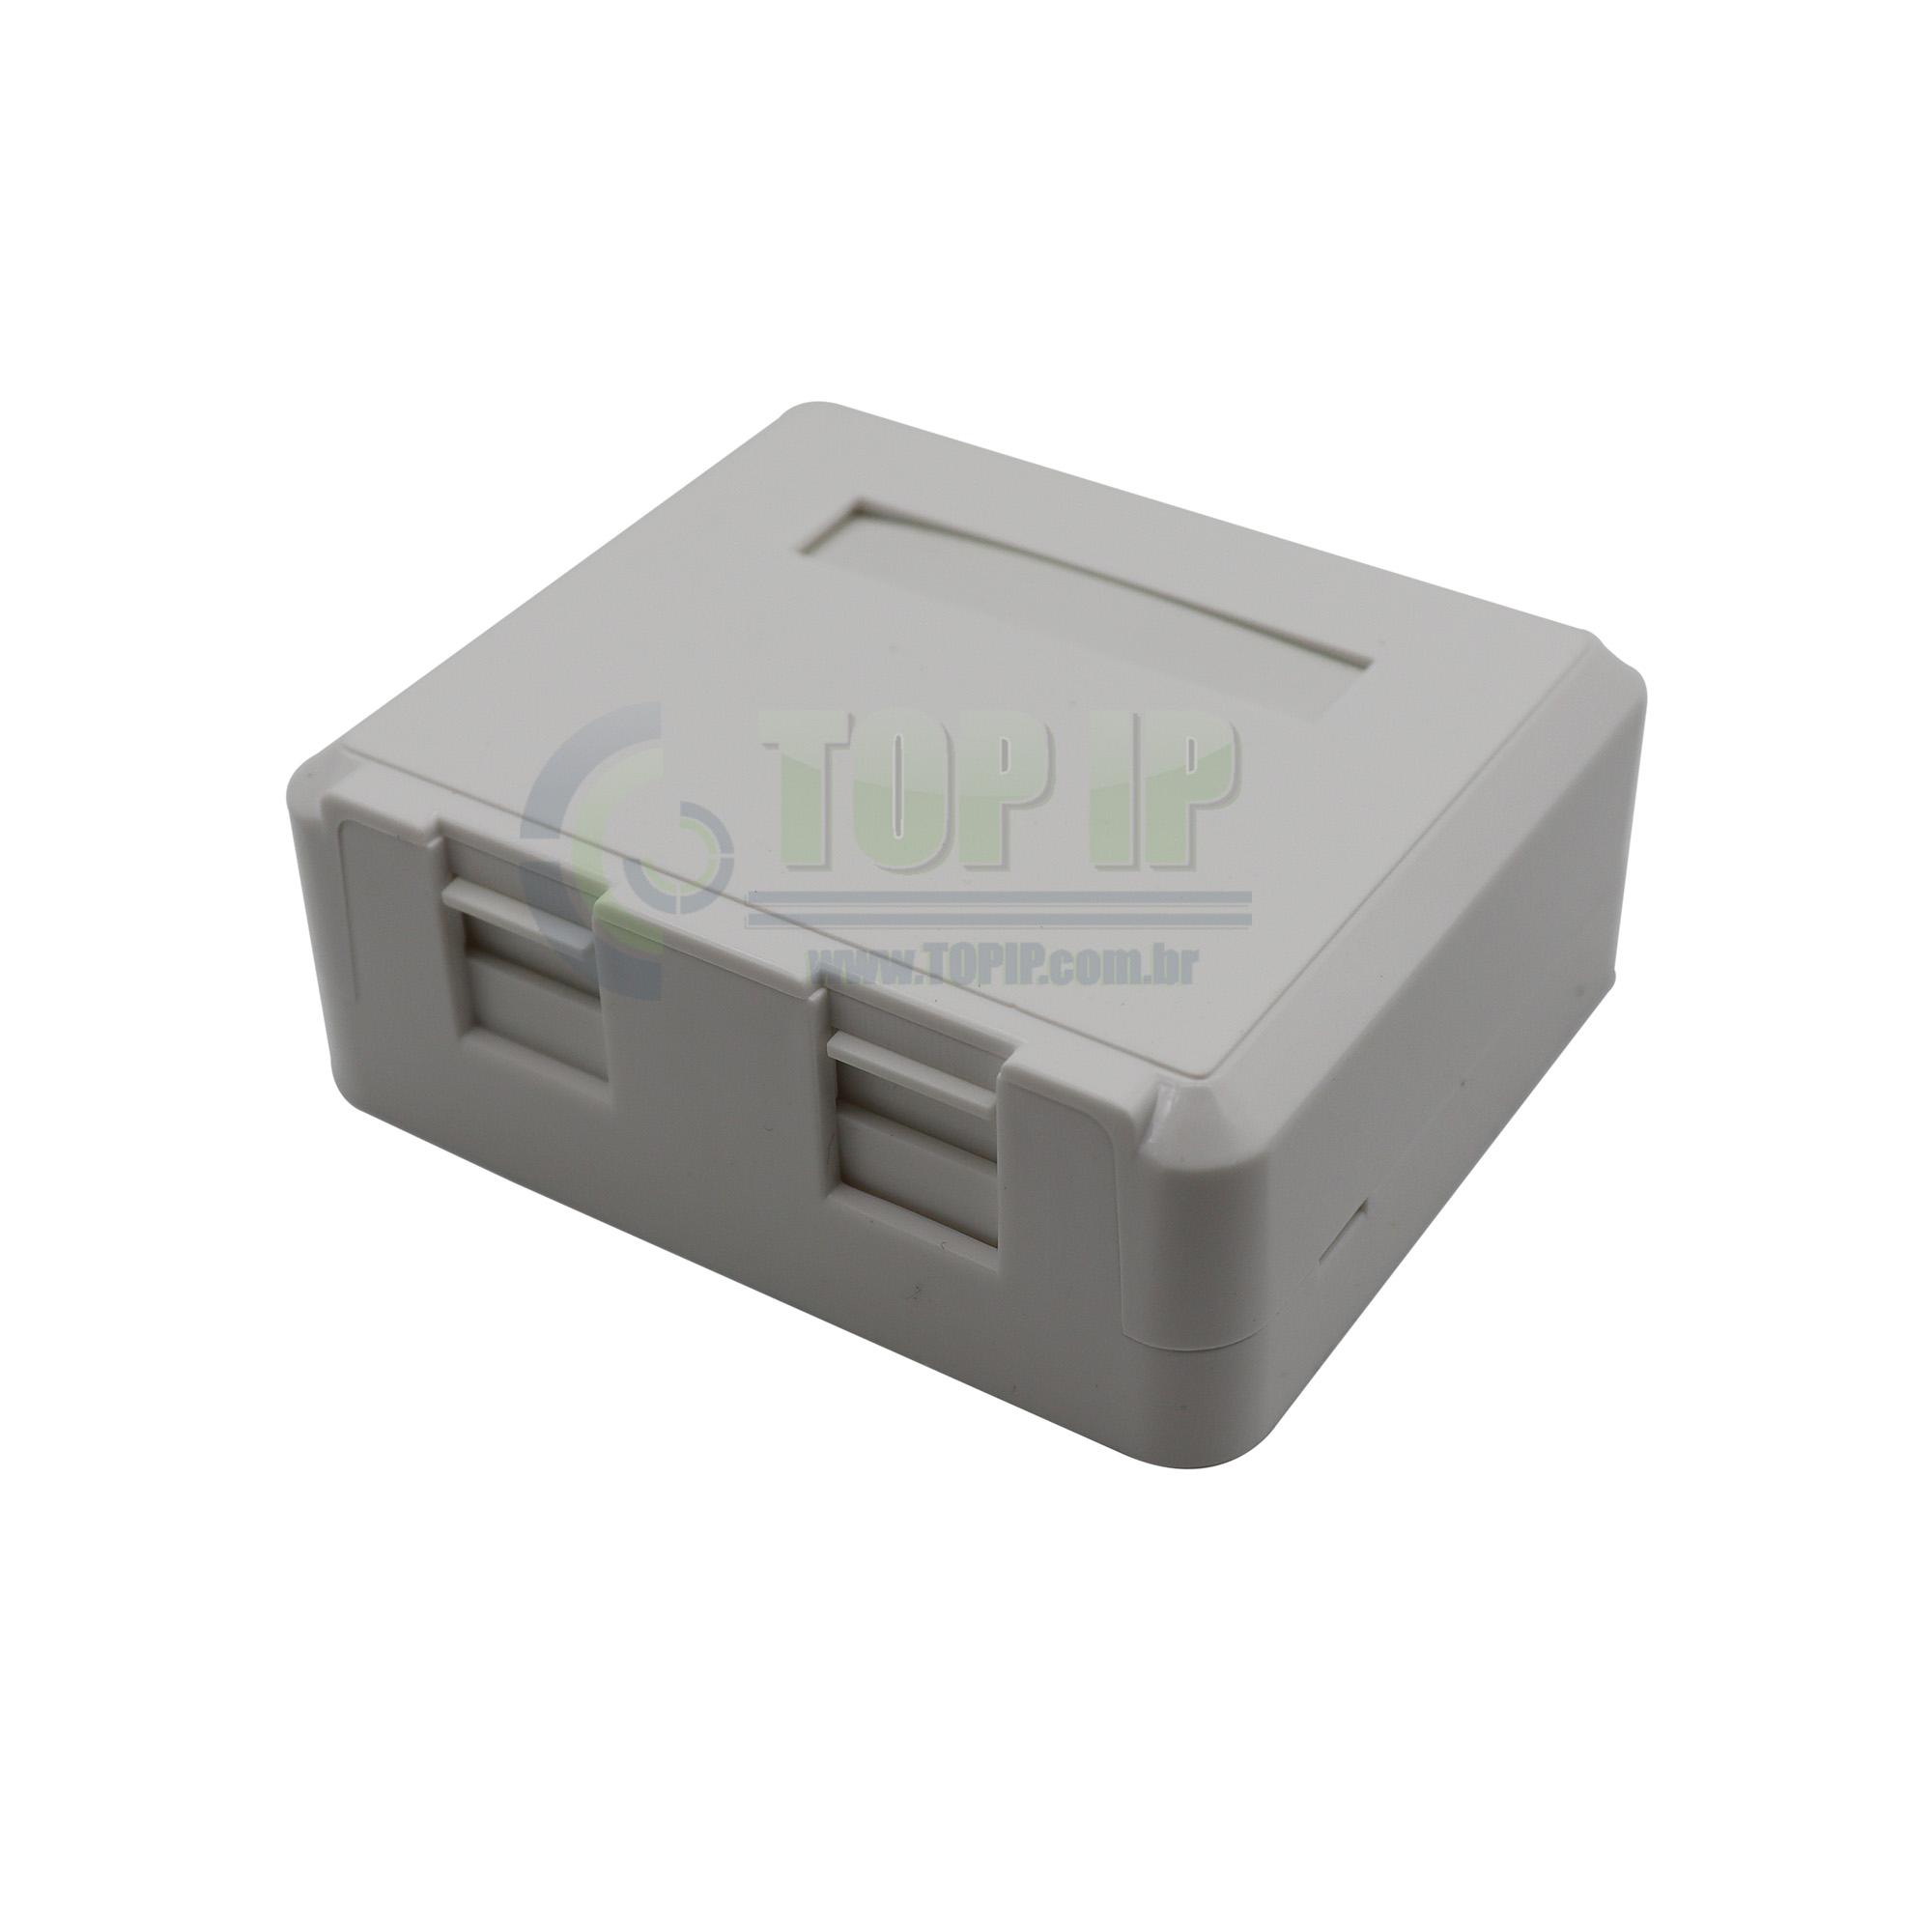 Caixa de Sobrepor para 2 keystones